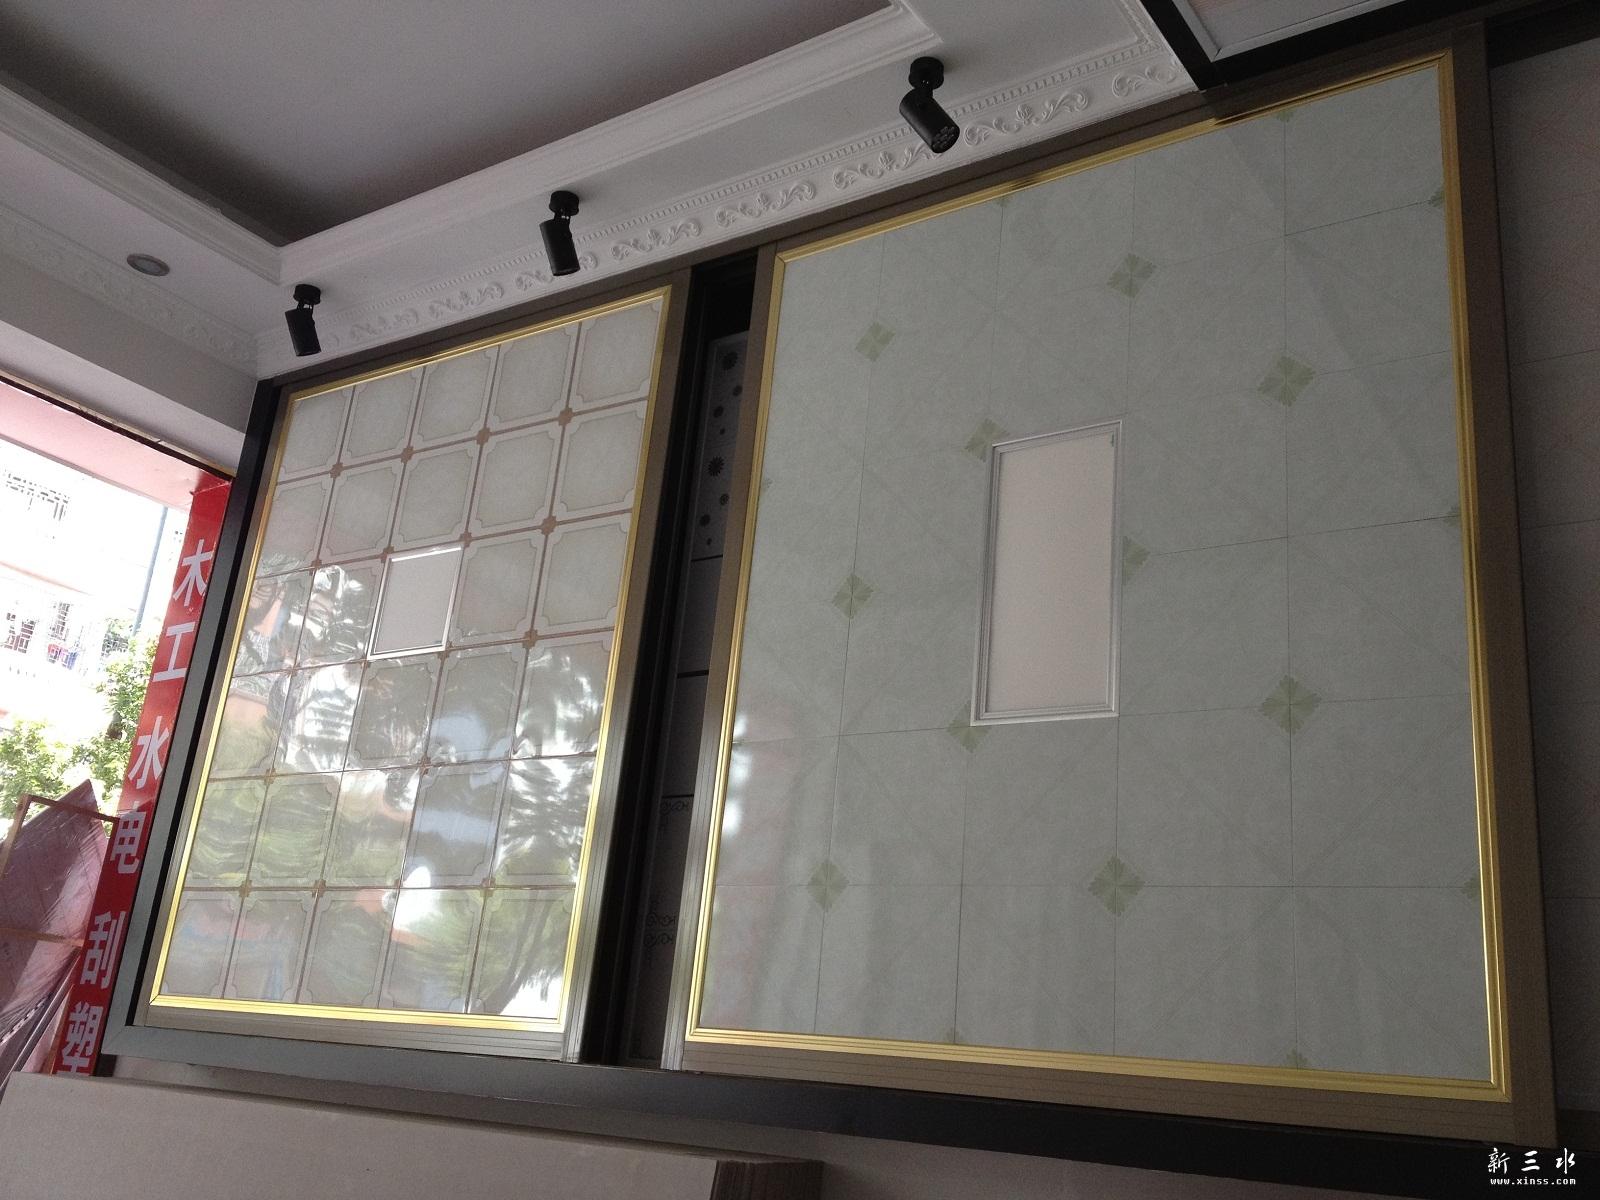 石膏线,厨房卫生间天花集成吊顶,开业大优惠